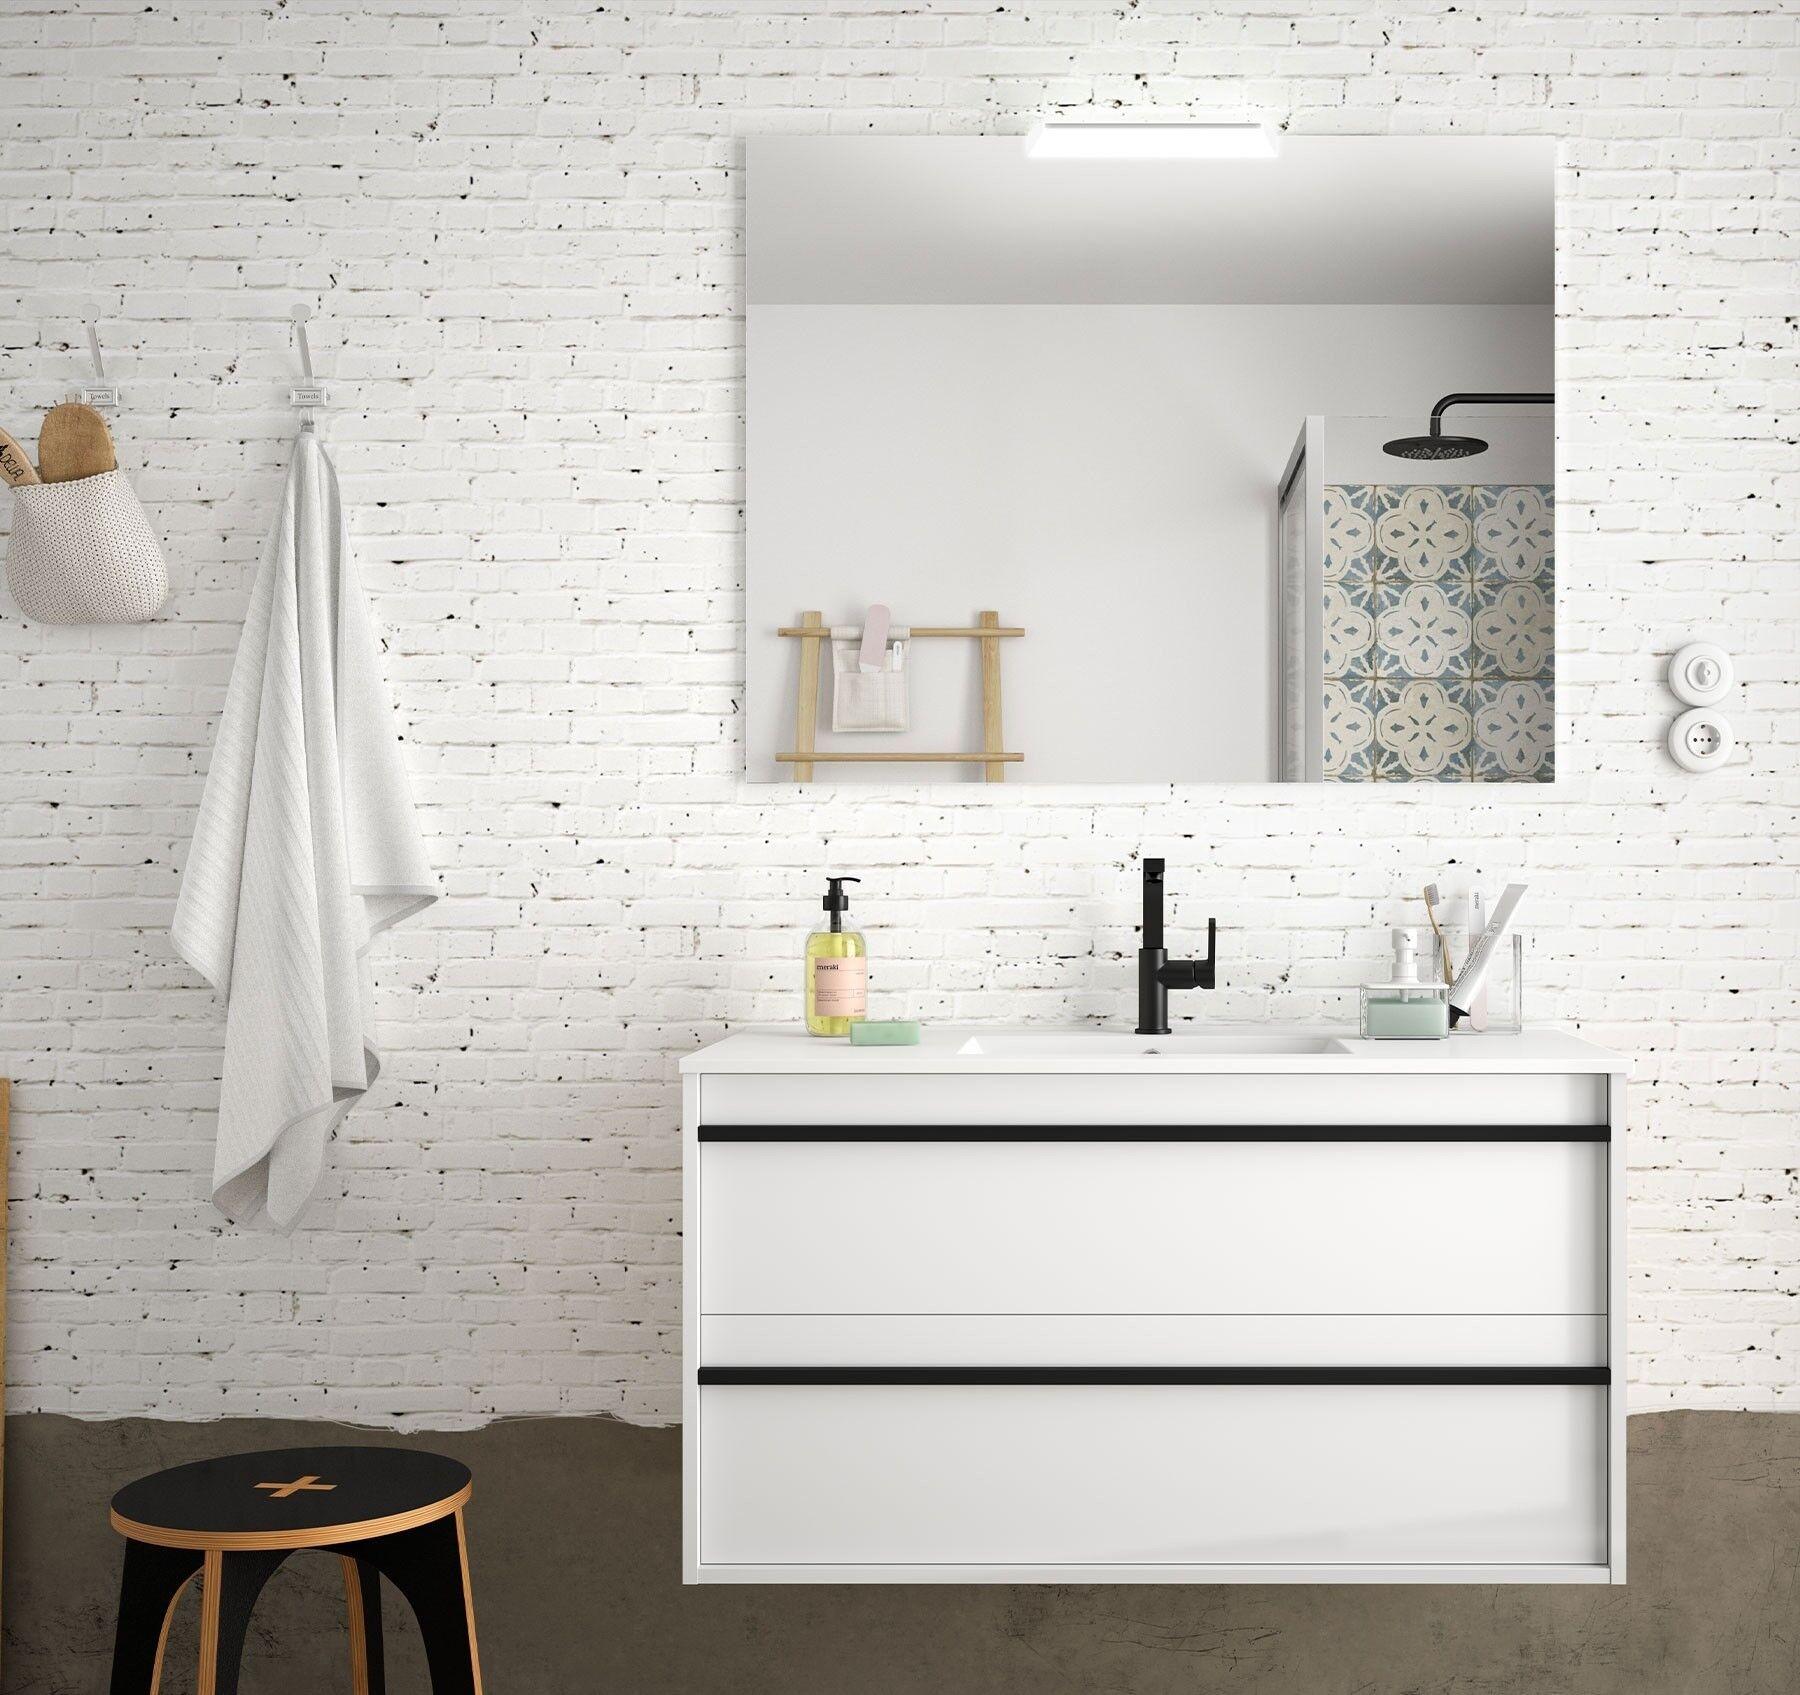 caesaroo mobile bagno sospeso 100 cm nevada in legno bianco lucido con lavabo in porcellana   100 cm - con specchio e lampada led